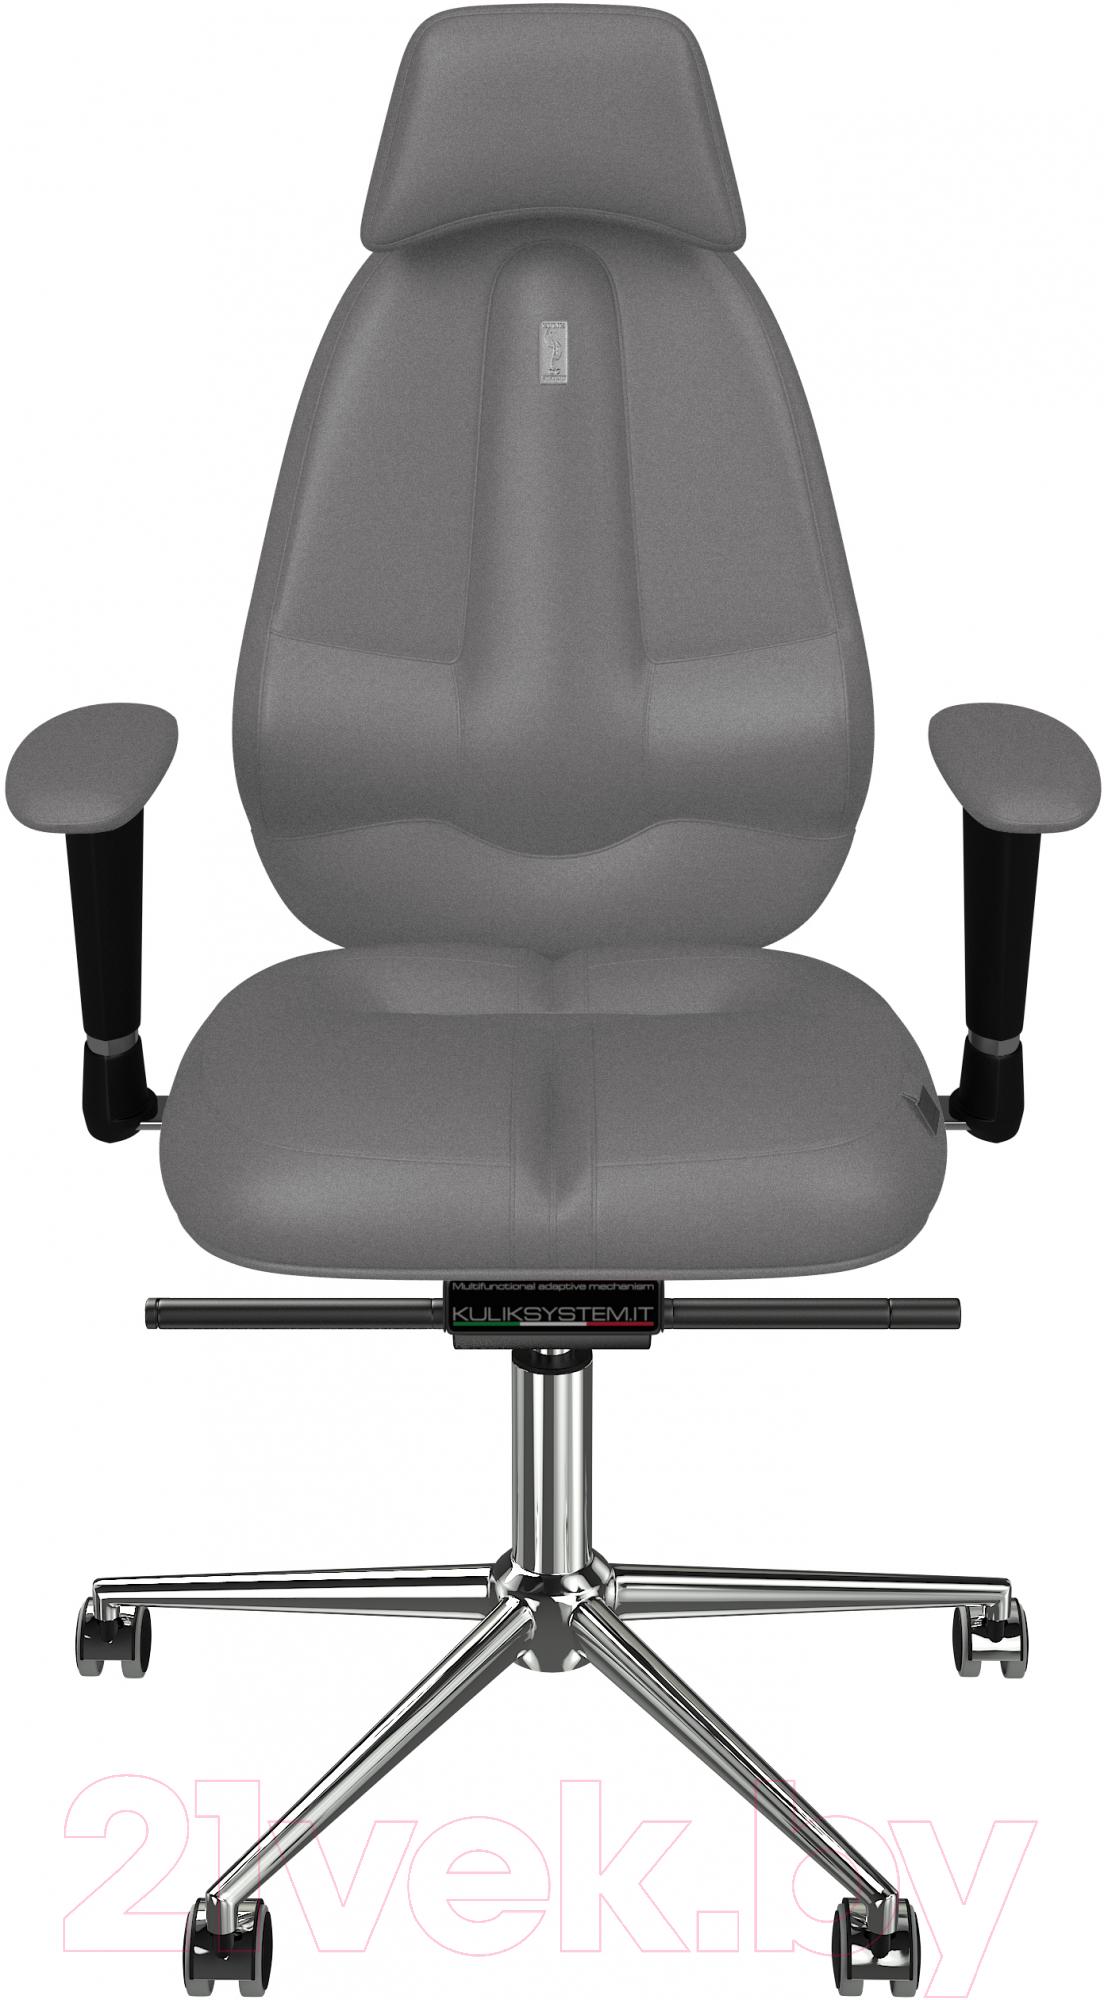 Купить Кресло офисное Kulik System, Classic азур (серебристый с подголовником), Украина, Classic (Kulik System)